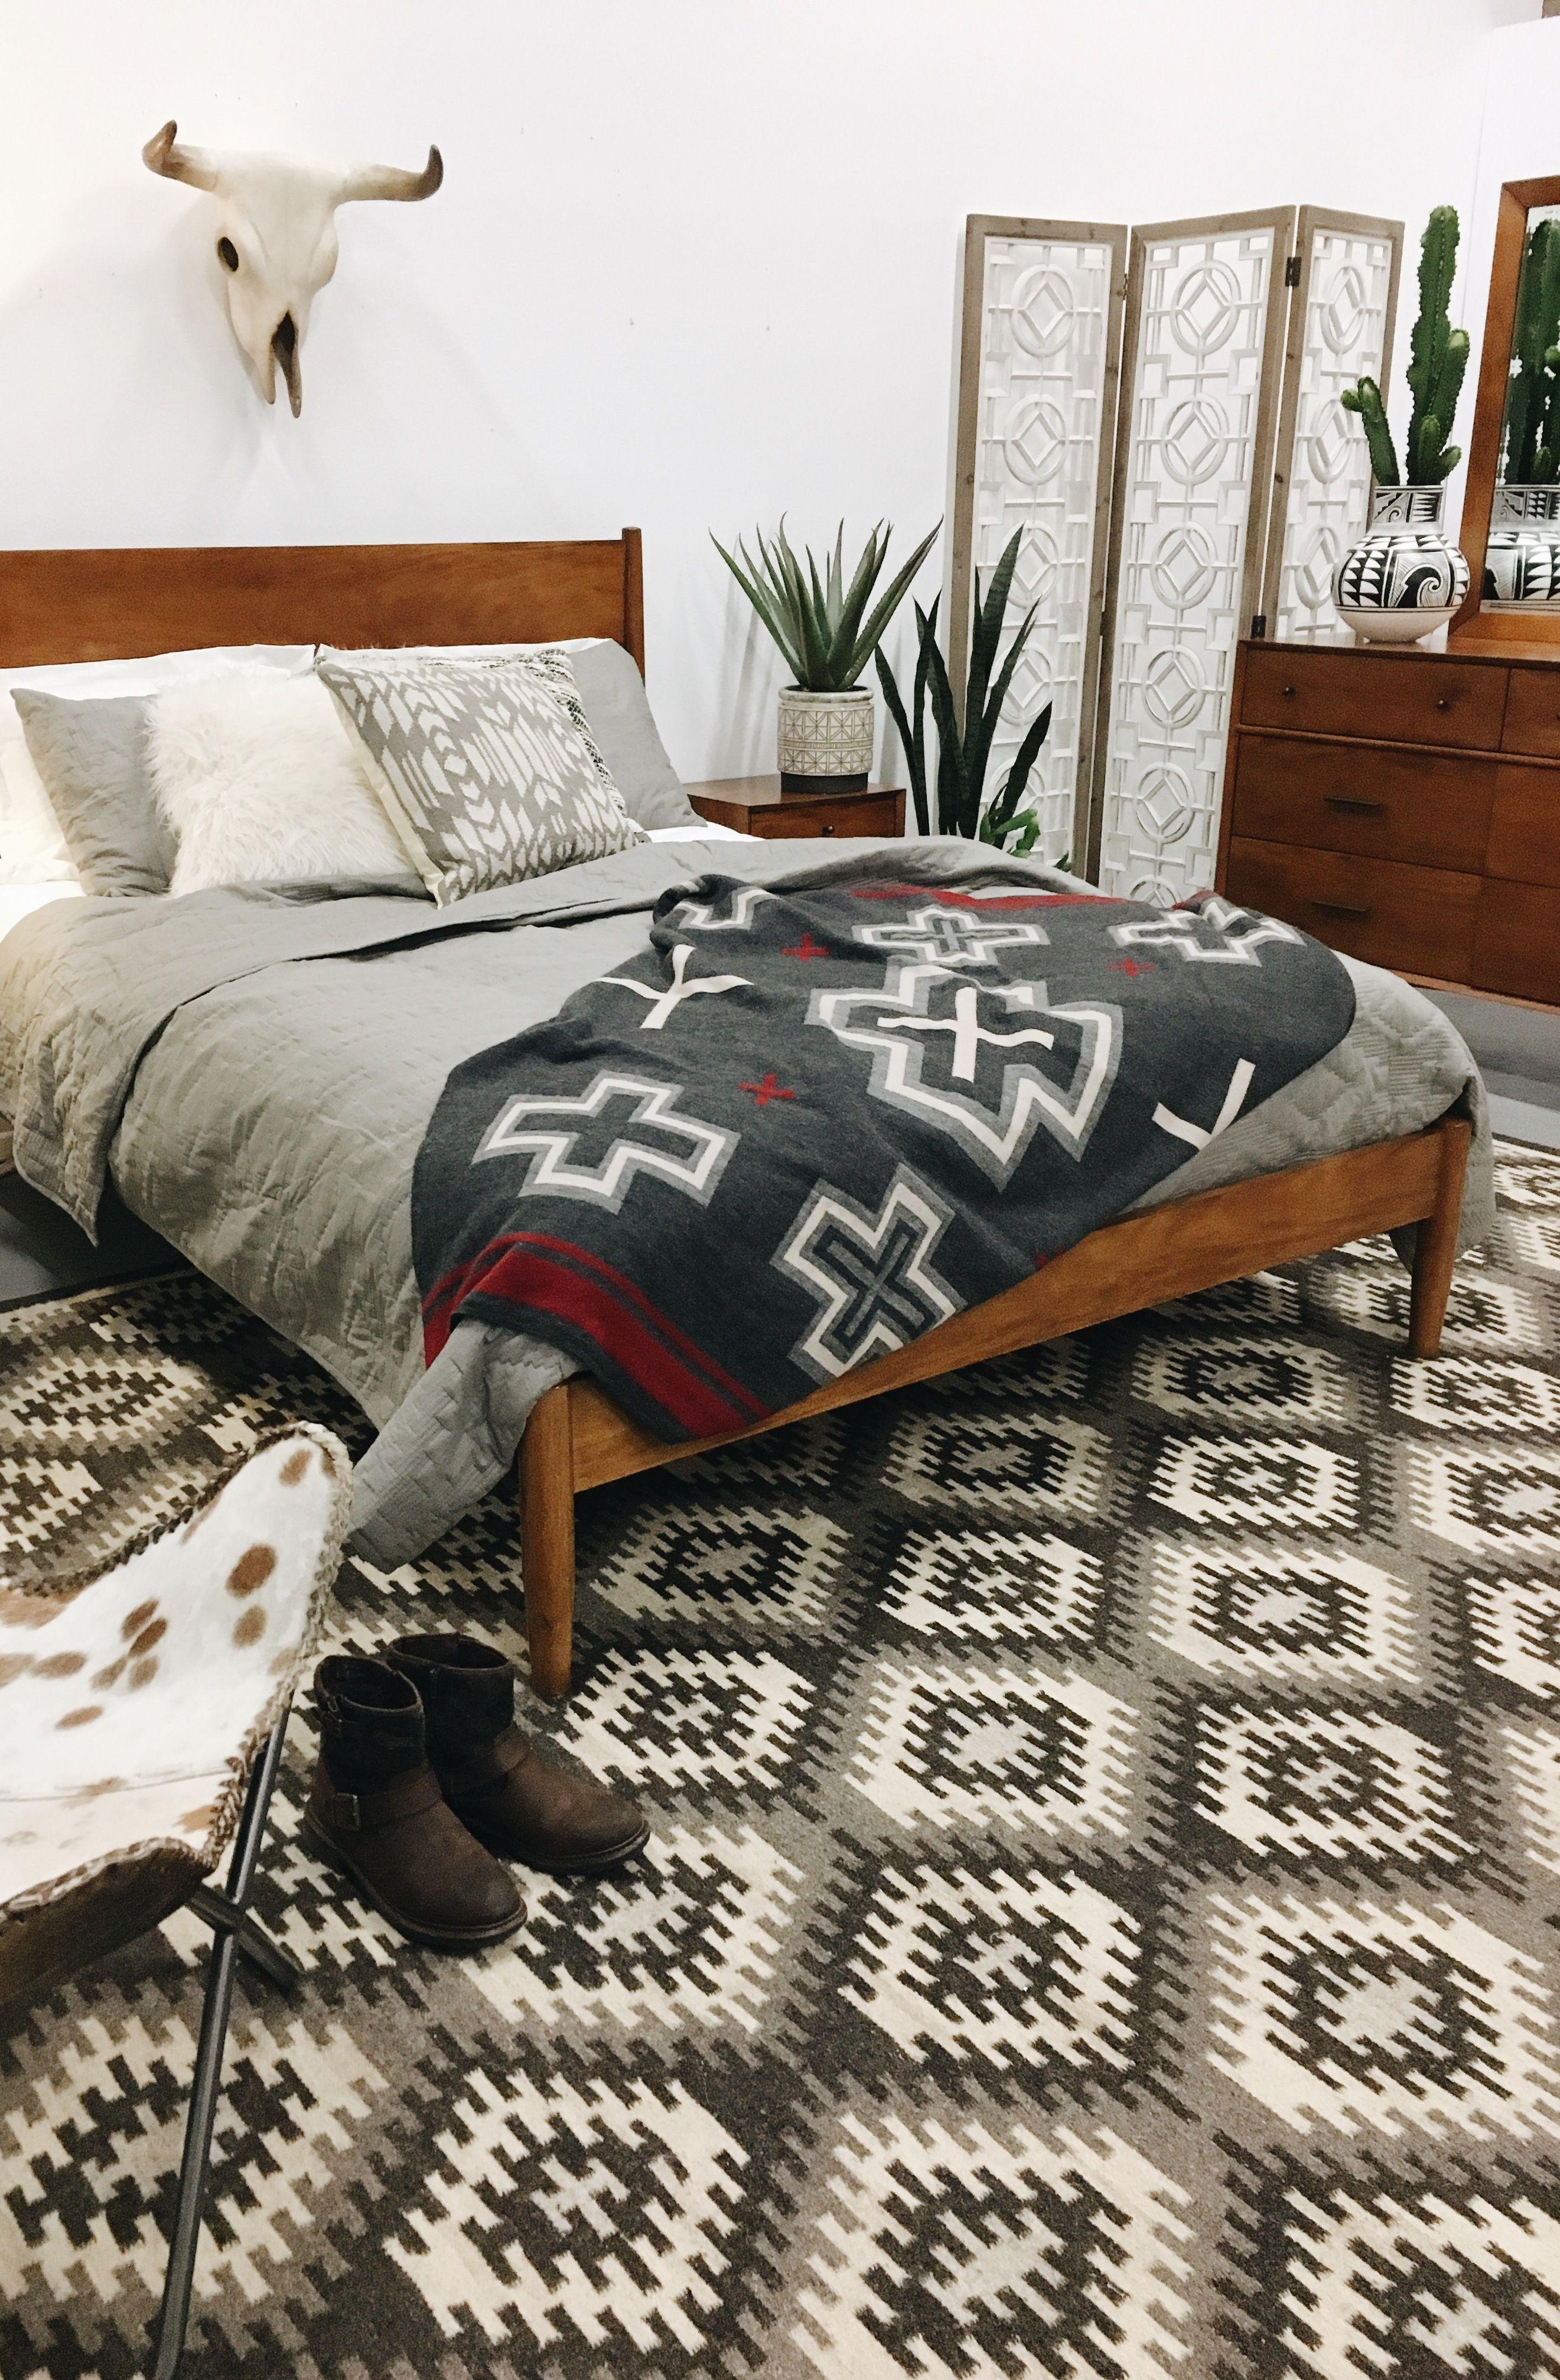 Midtown Bed Cherry in 2020 Simple bedroom design, Home